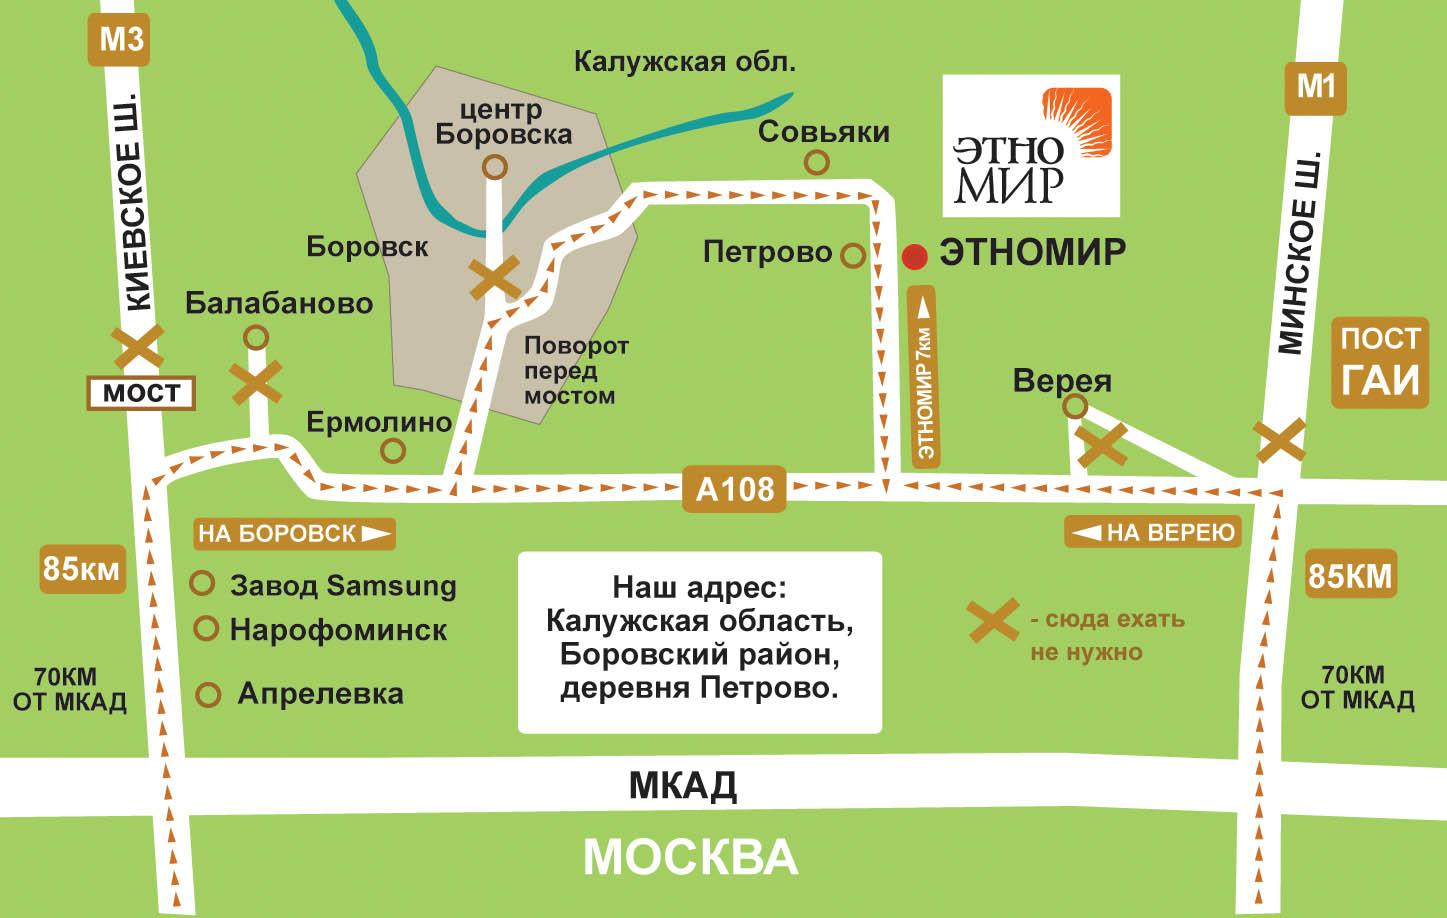 Как доехать из аэропорта Домодедово в Шереметьево